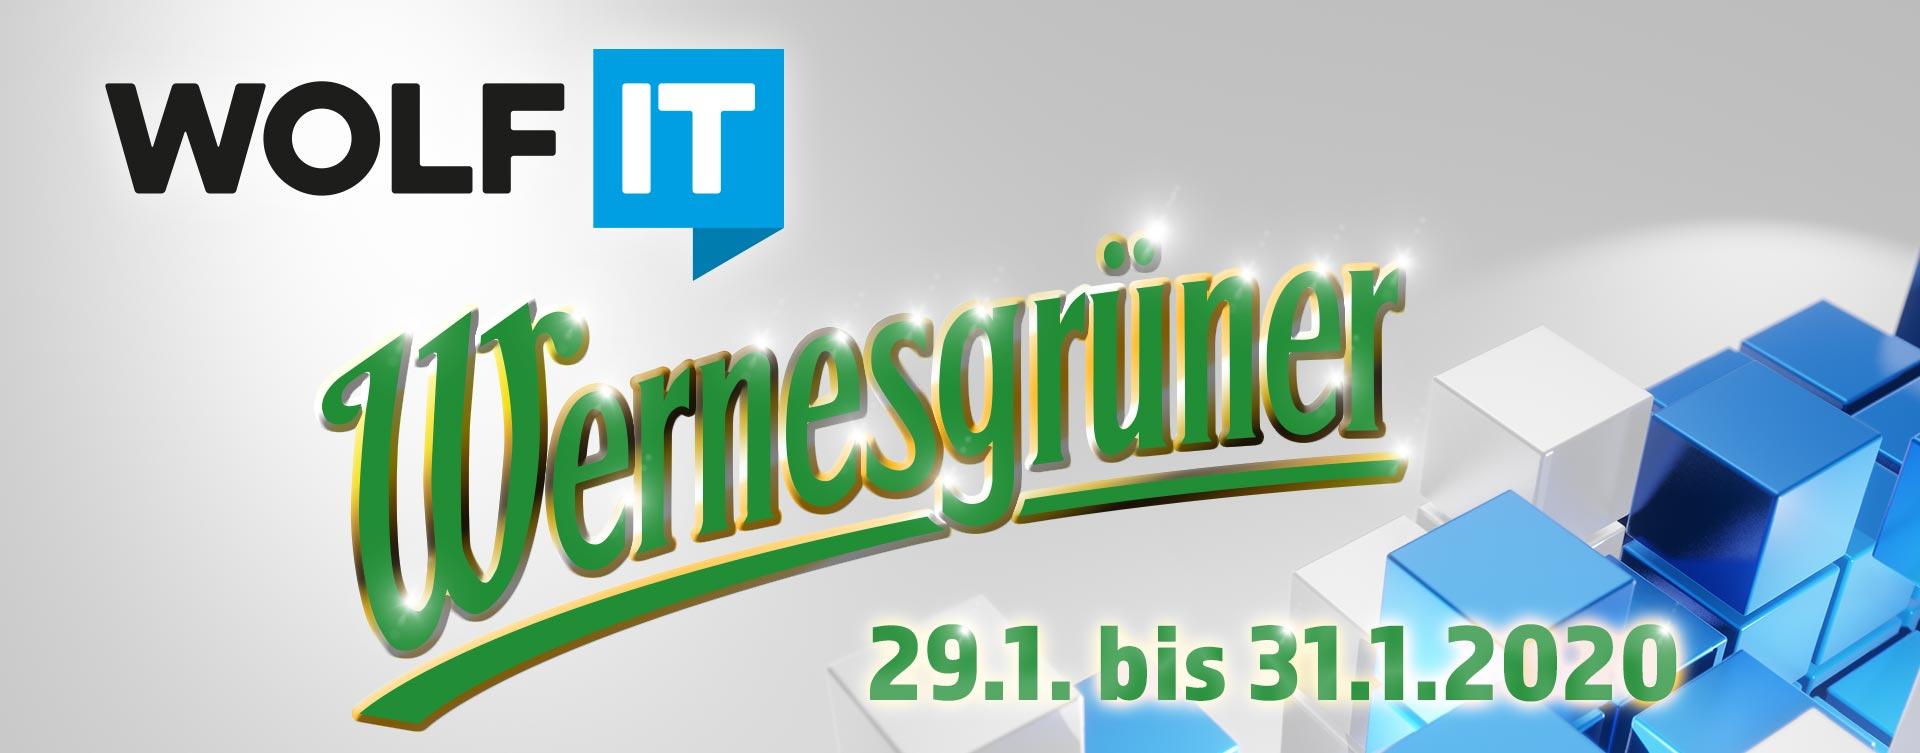 WOLF IT Wernesgrüner - 29.1. bis 31.1.2020